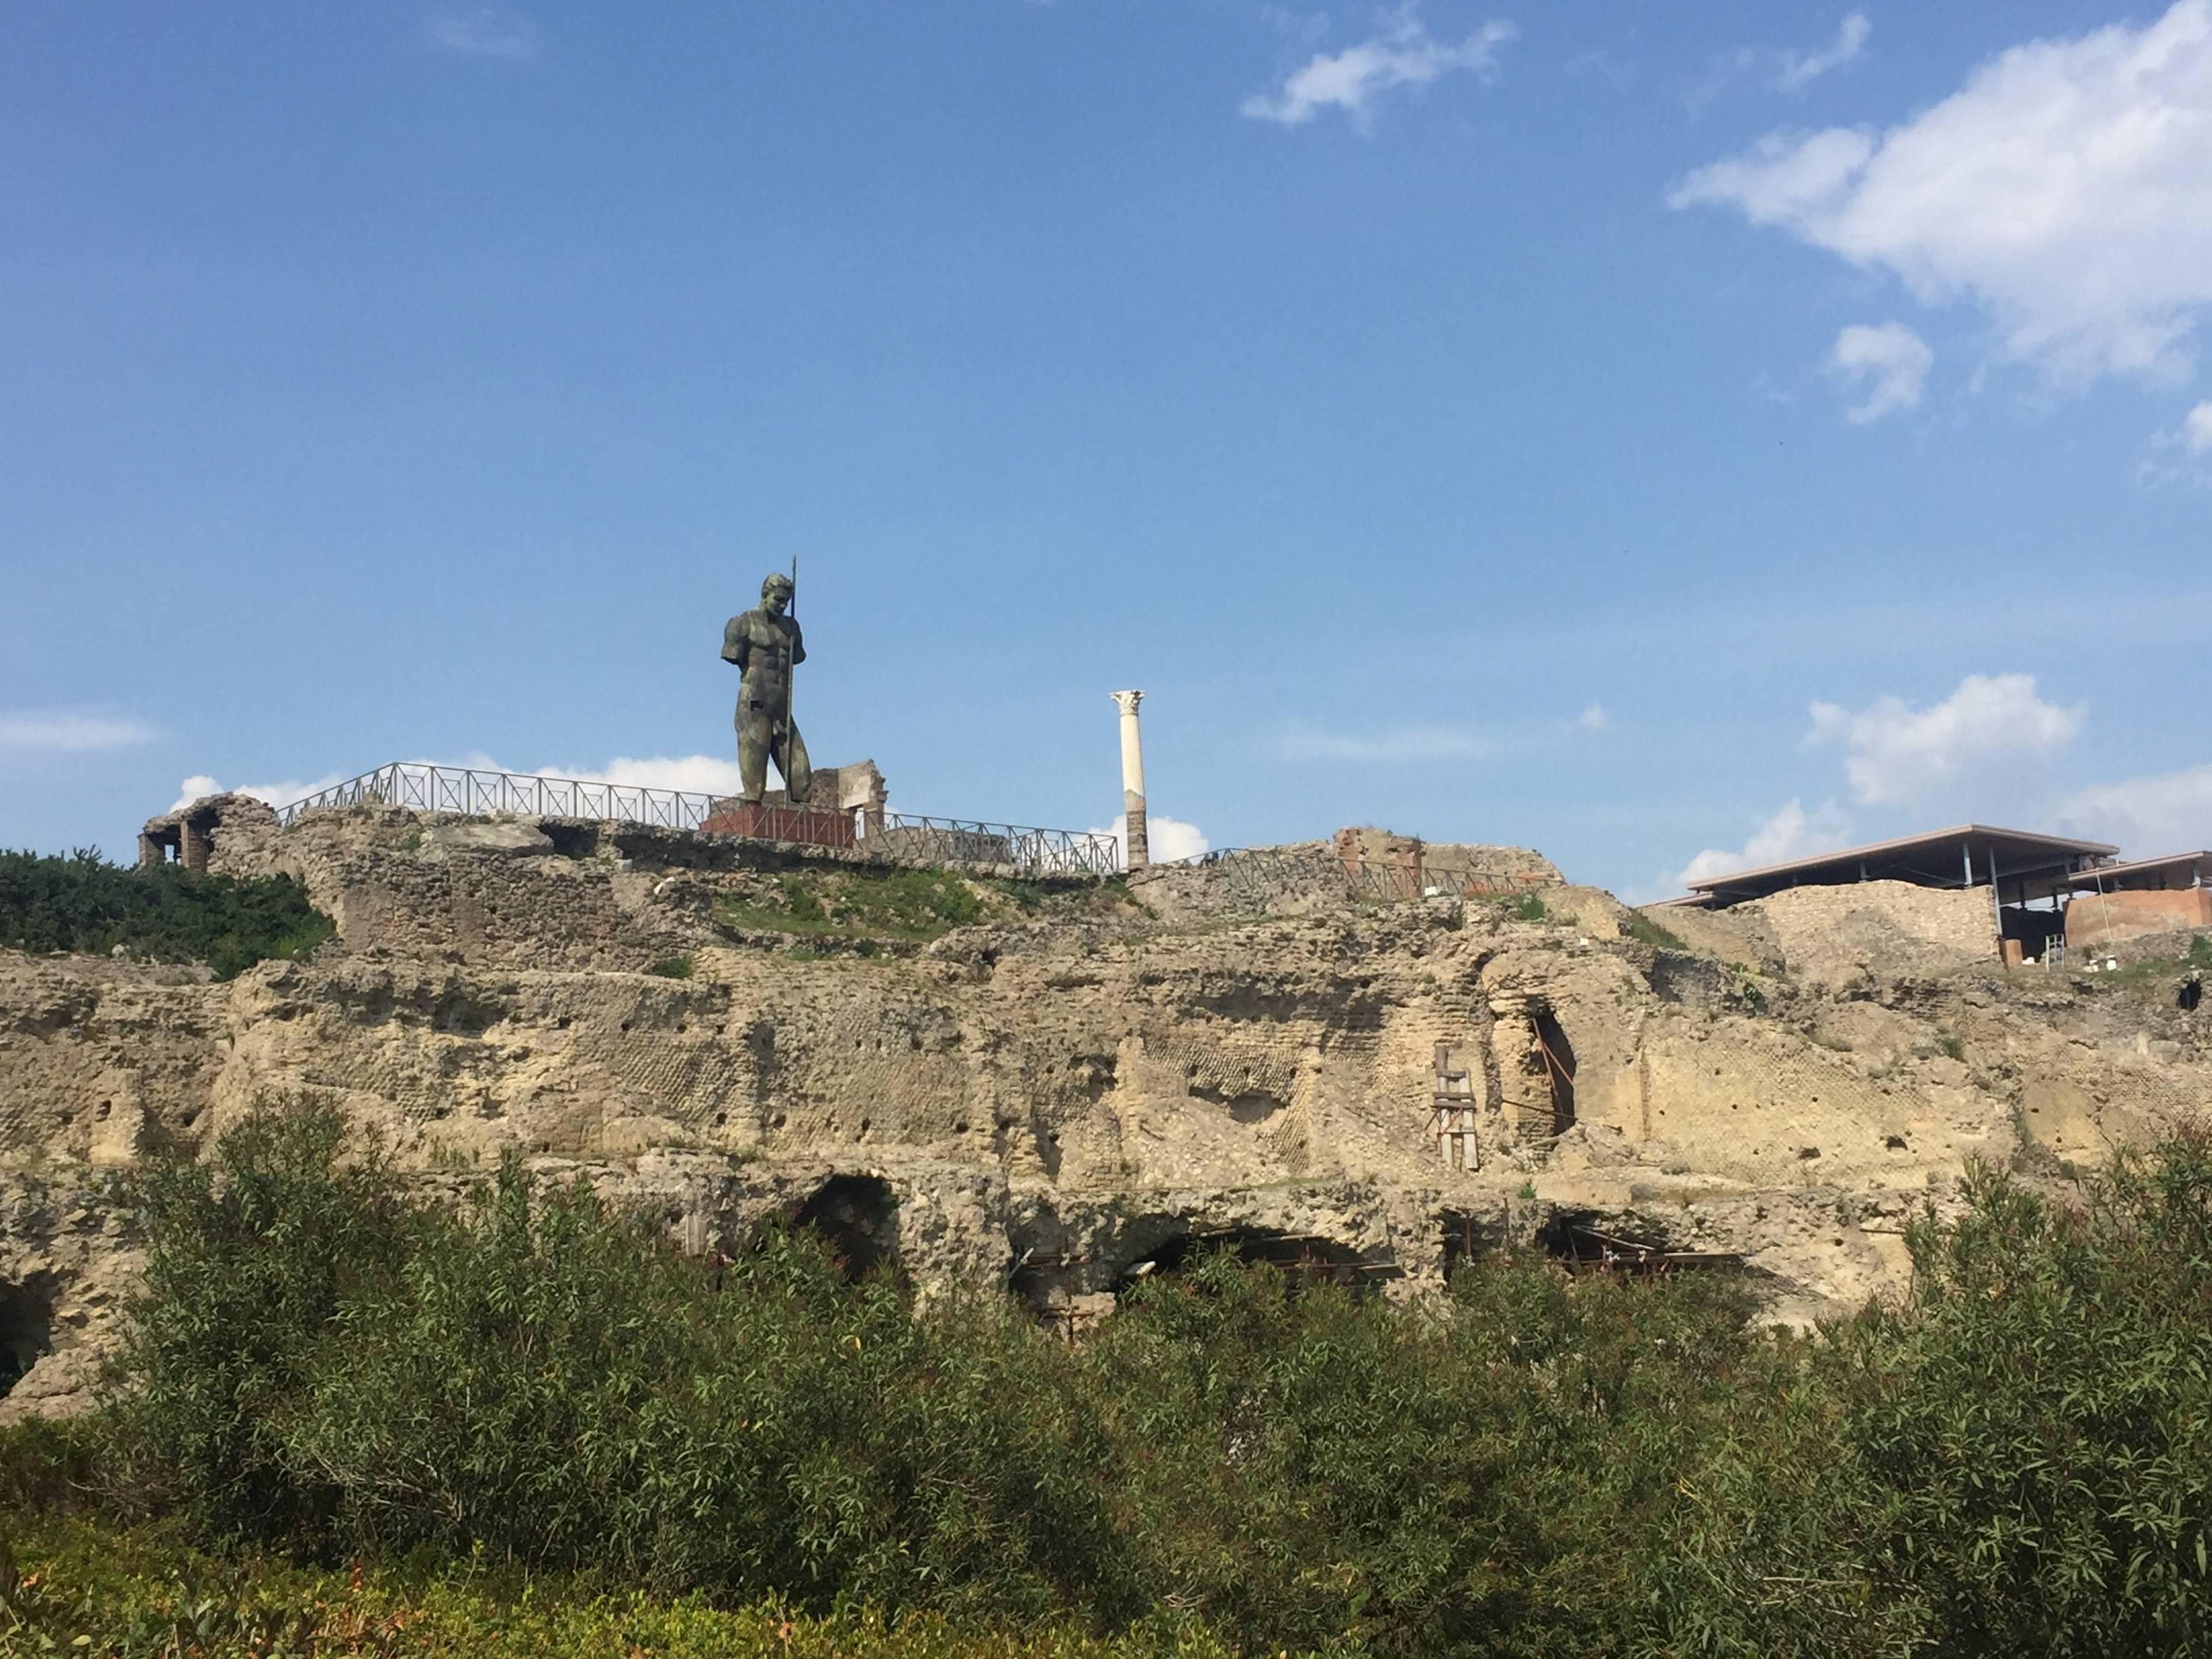 Photo 1: Journée à Pompéi